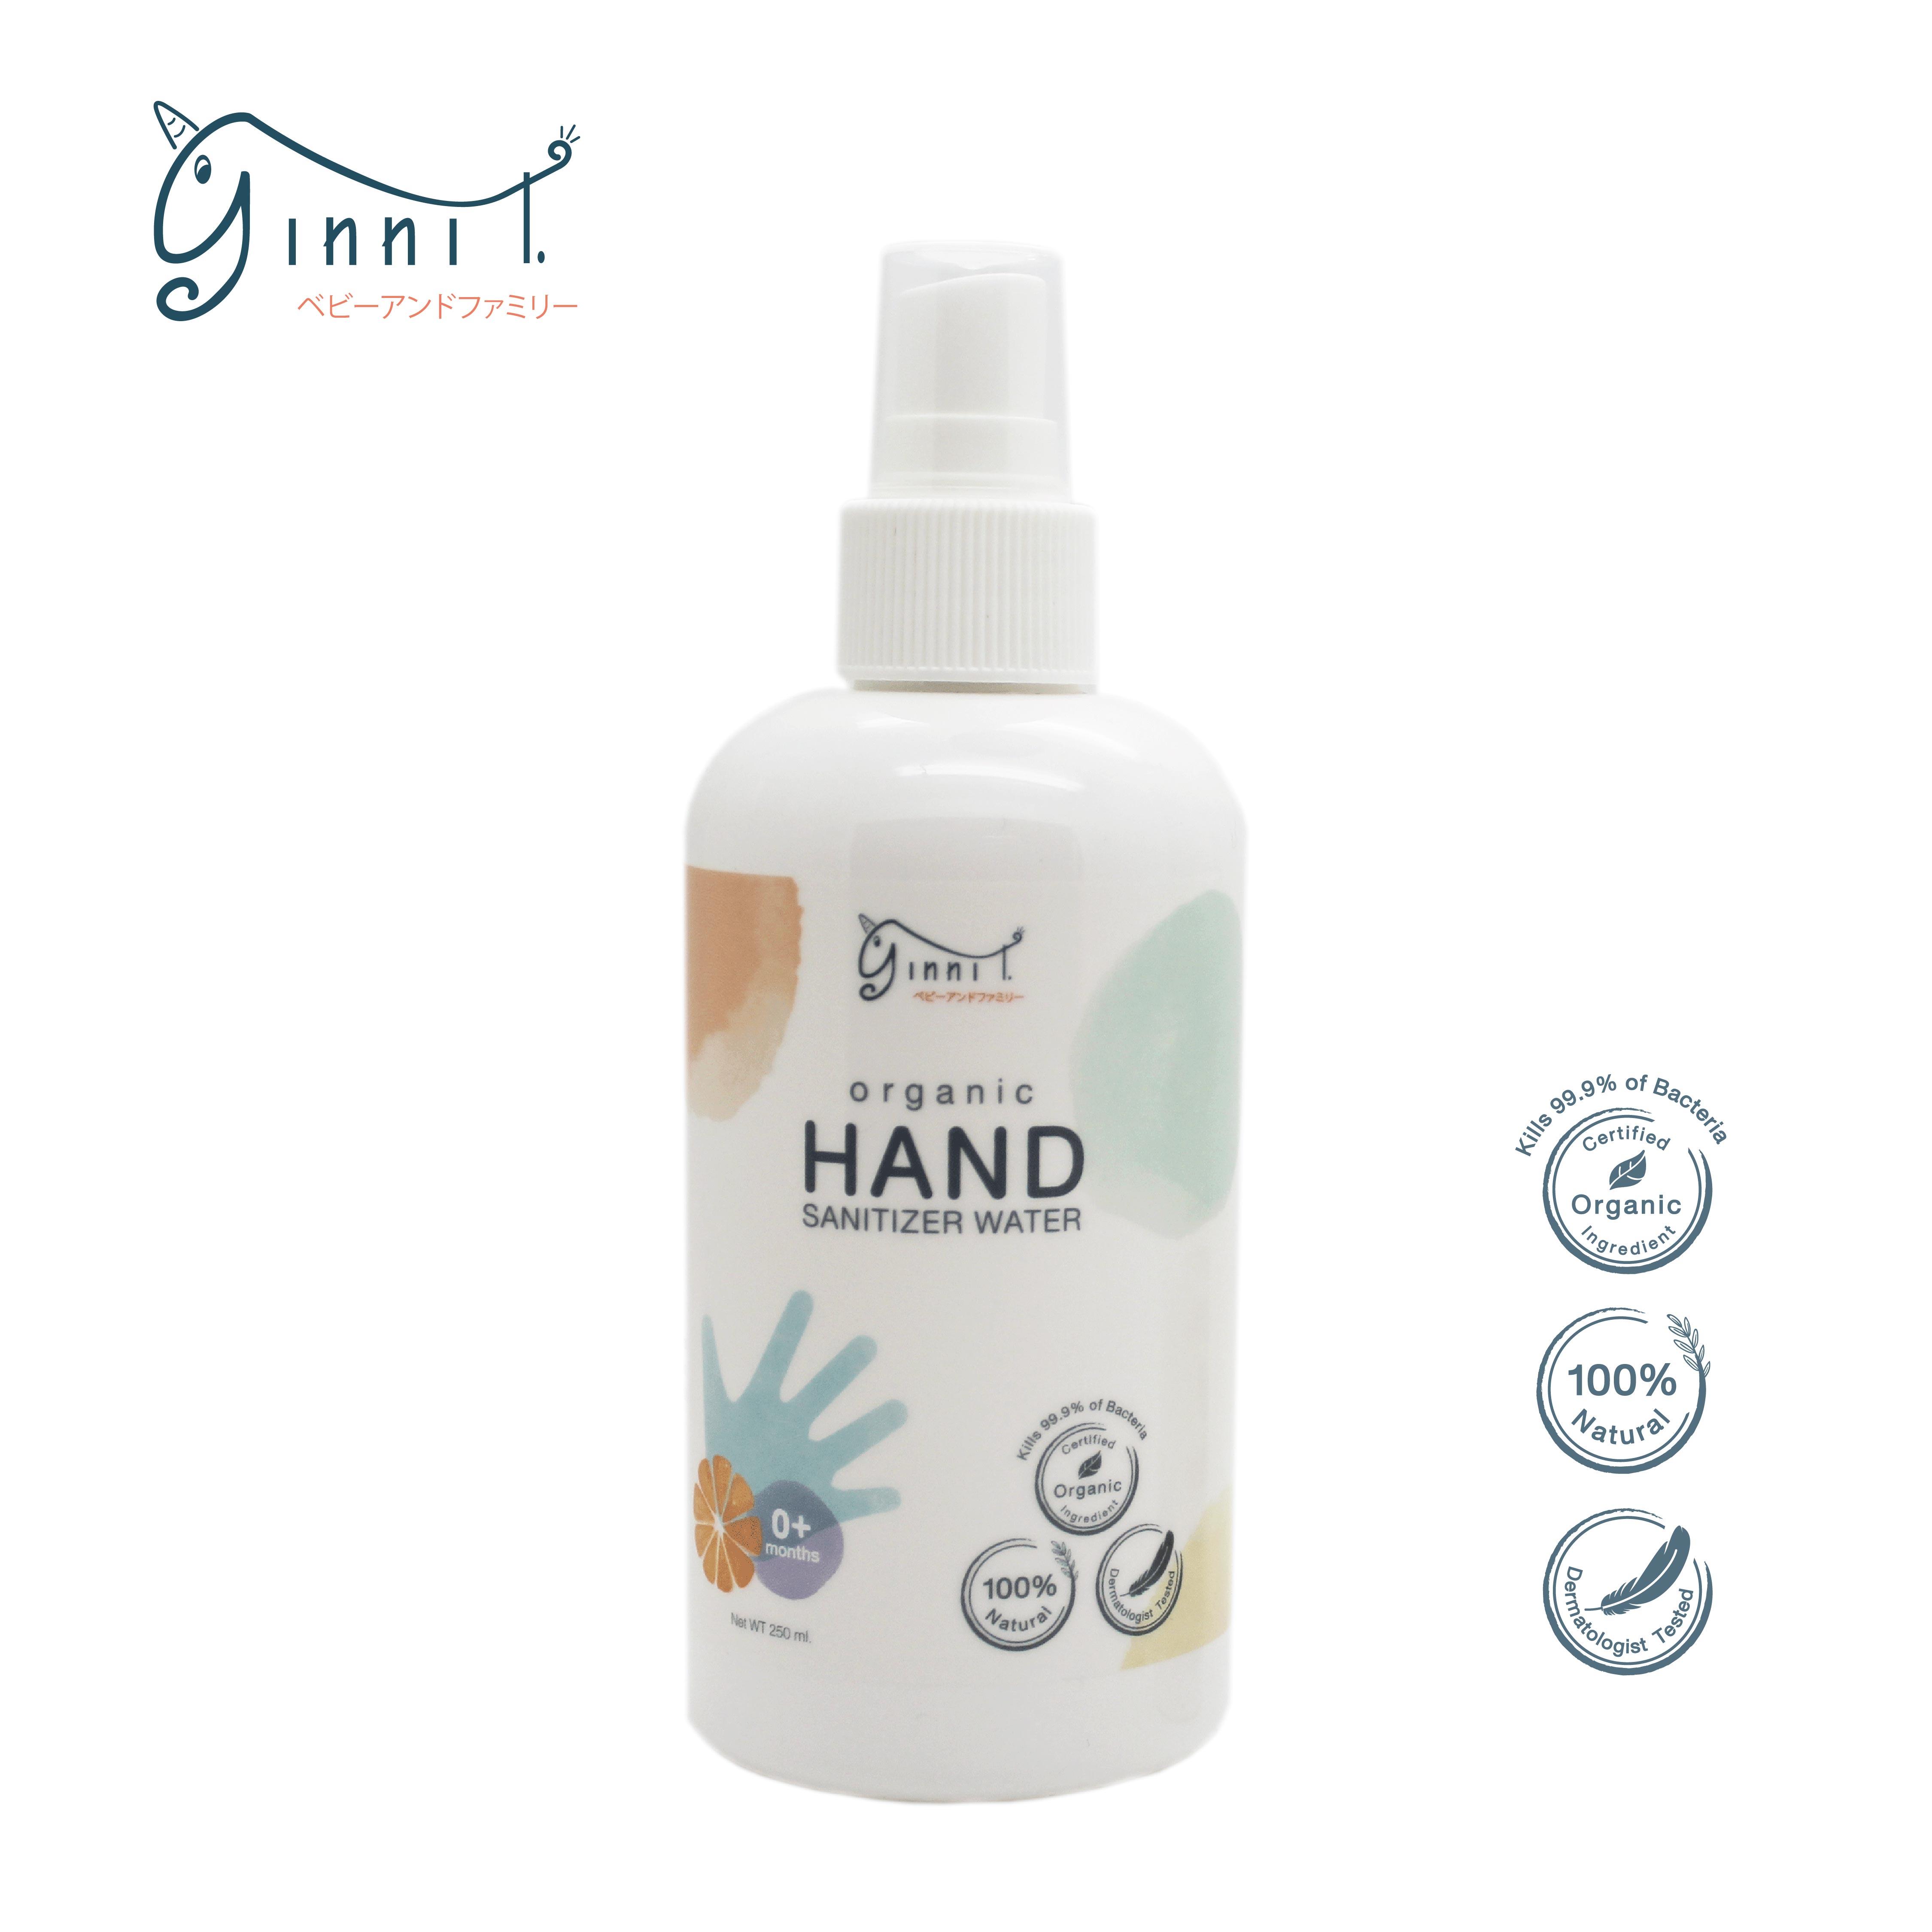 GINNI T สเปรย์ป้องกันเชื้อโรคทำความสะอาดมือสูตรปราศจากแอลกอฮอล์ ขนาด 250 ml.